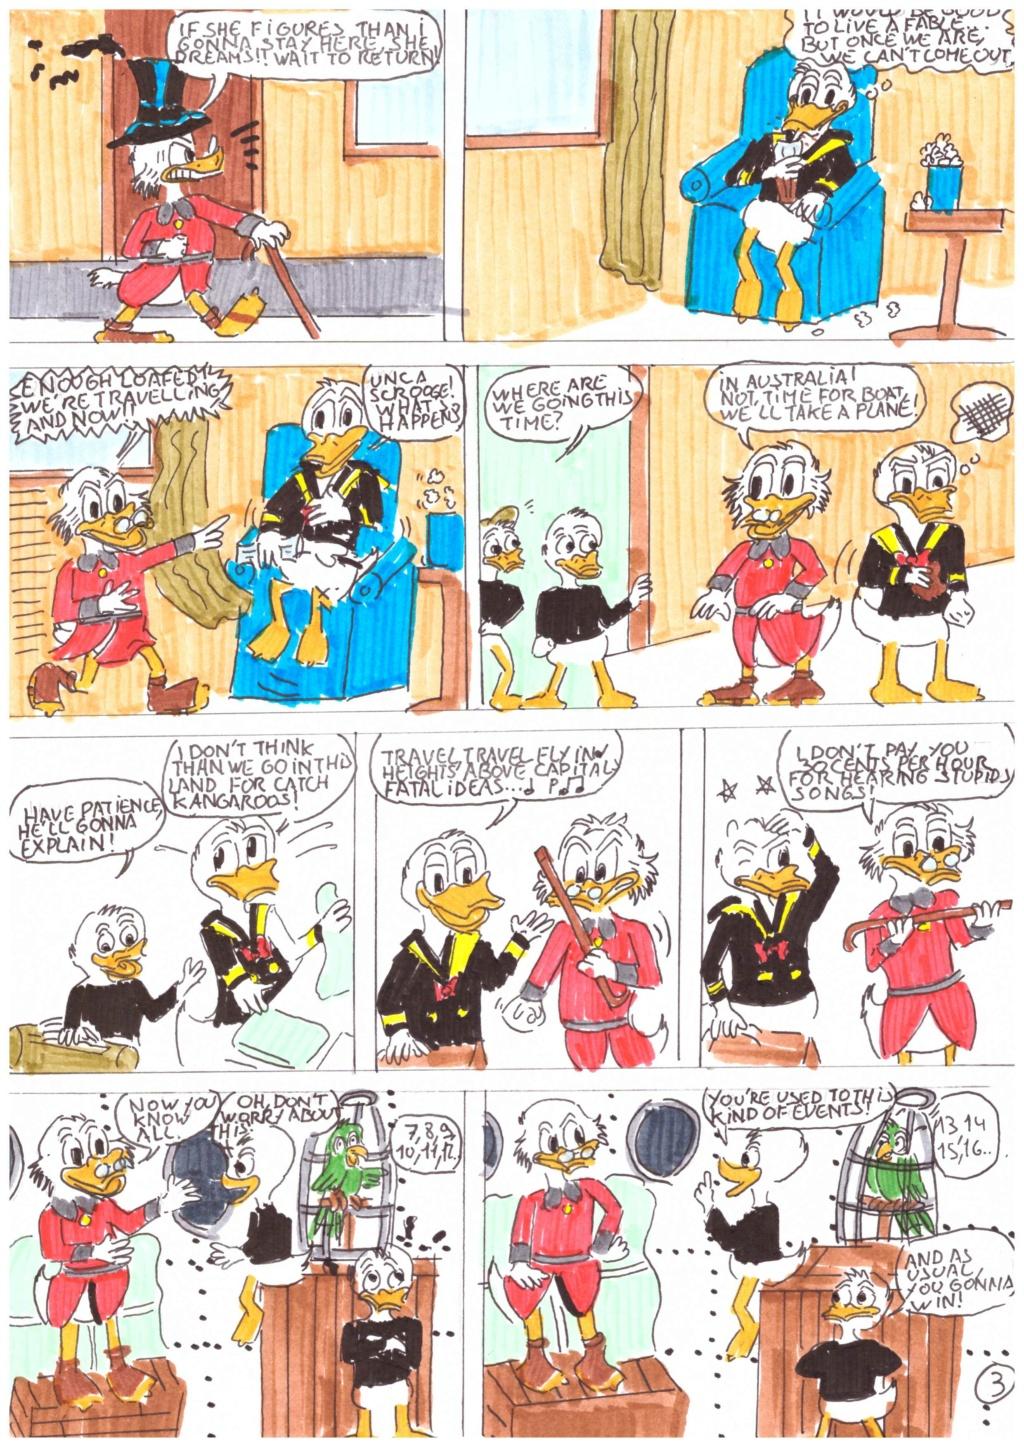 Fanfictions et dessins  d'Eyael - Page 2 The_au13